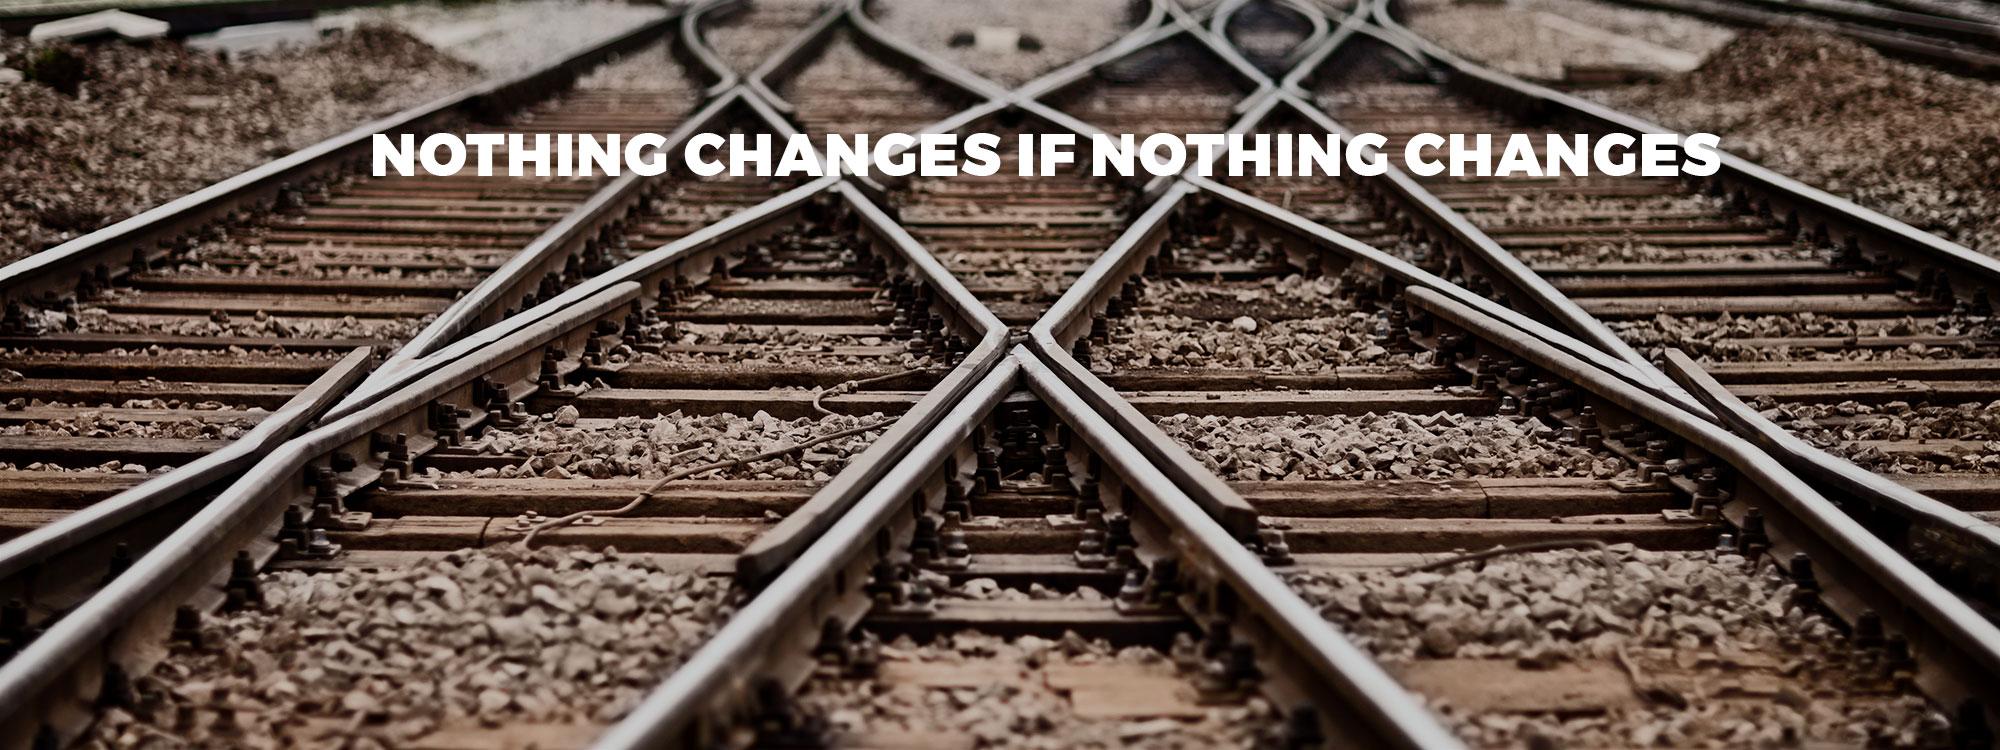 Er du en god nok rollemodel for den forandring, du ønsker at skabe?